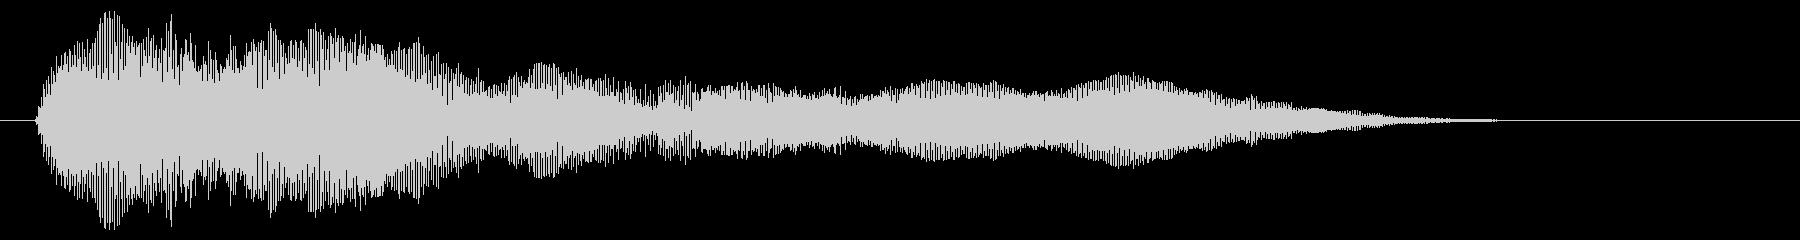 コンッ ゲーム キャンセル音の未再生の波形